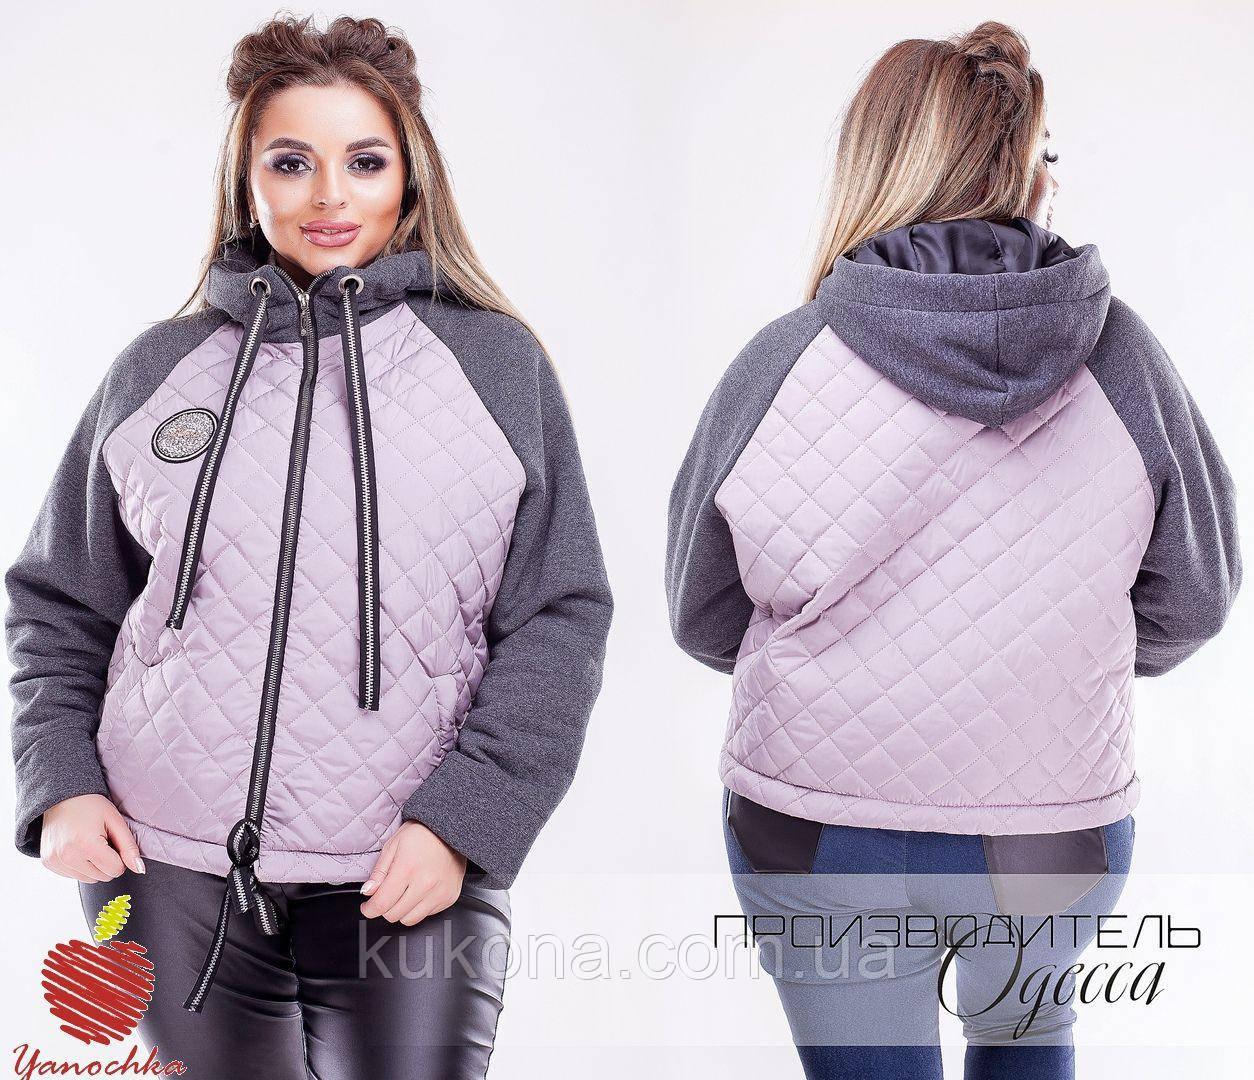 Курточка женская  спортивная большого размера